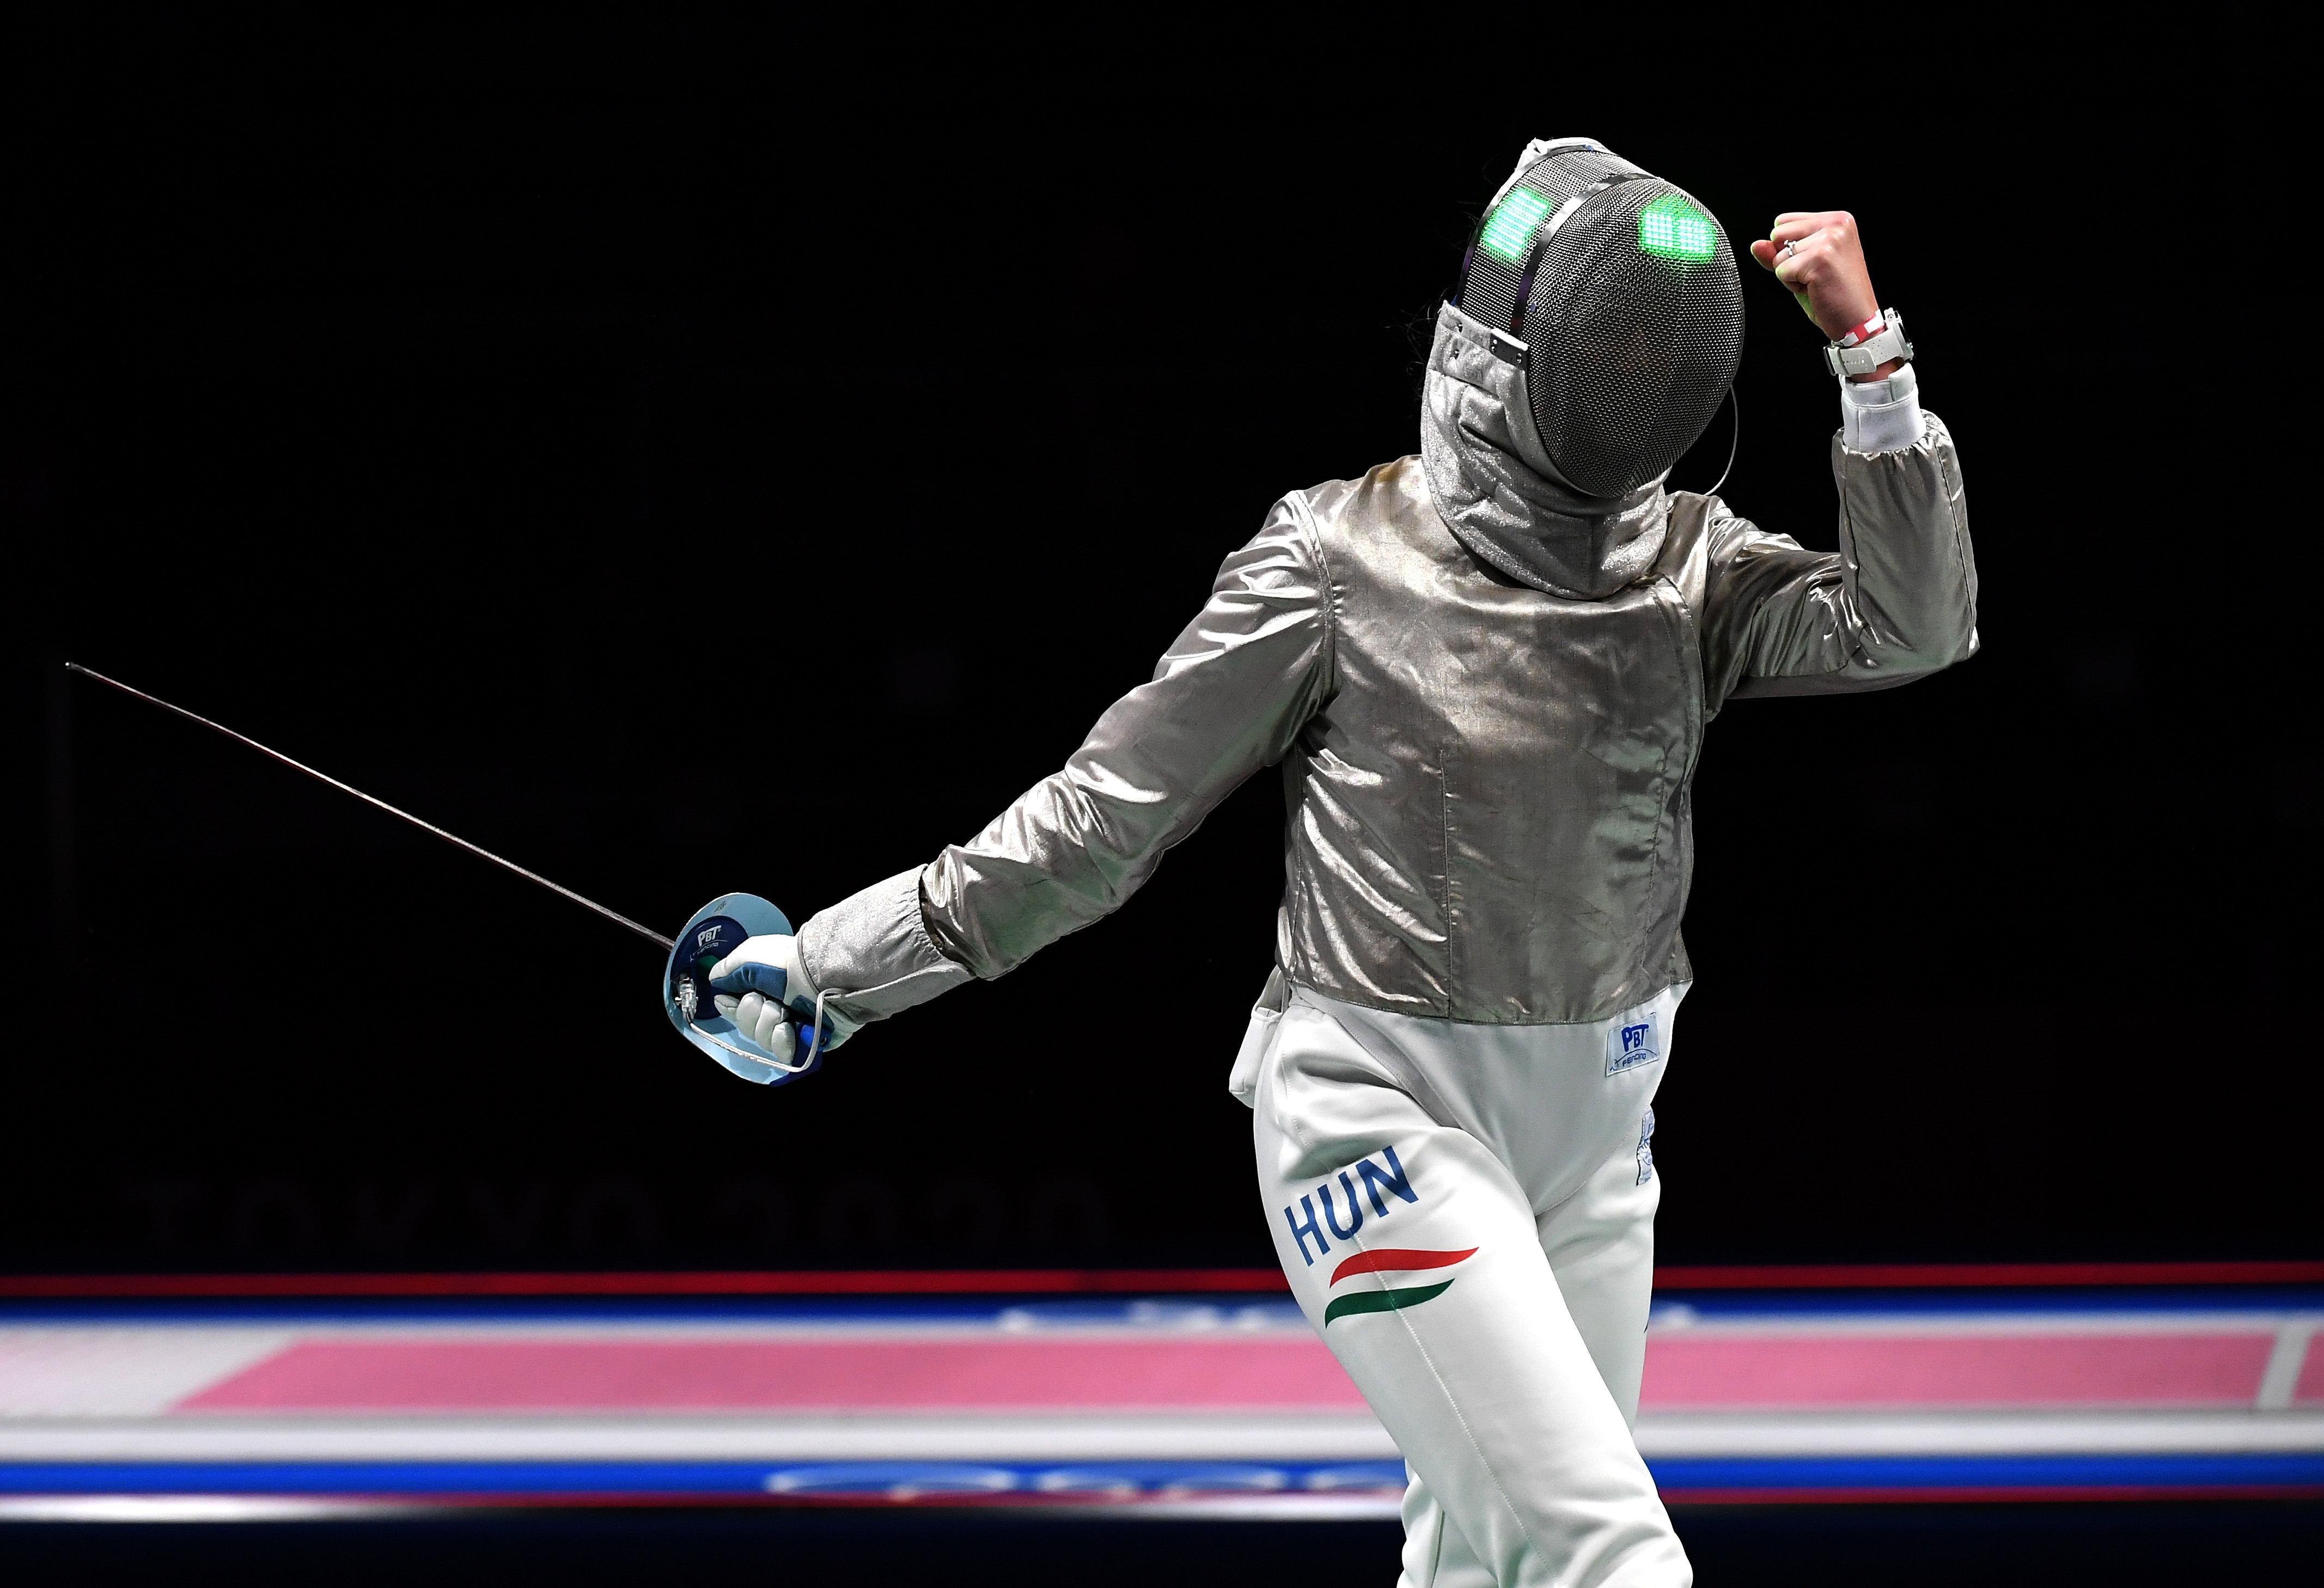 Brunet legyőzte Mártont, negyedik helyen végzett a magyar kardozó